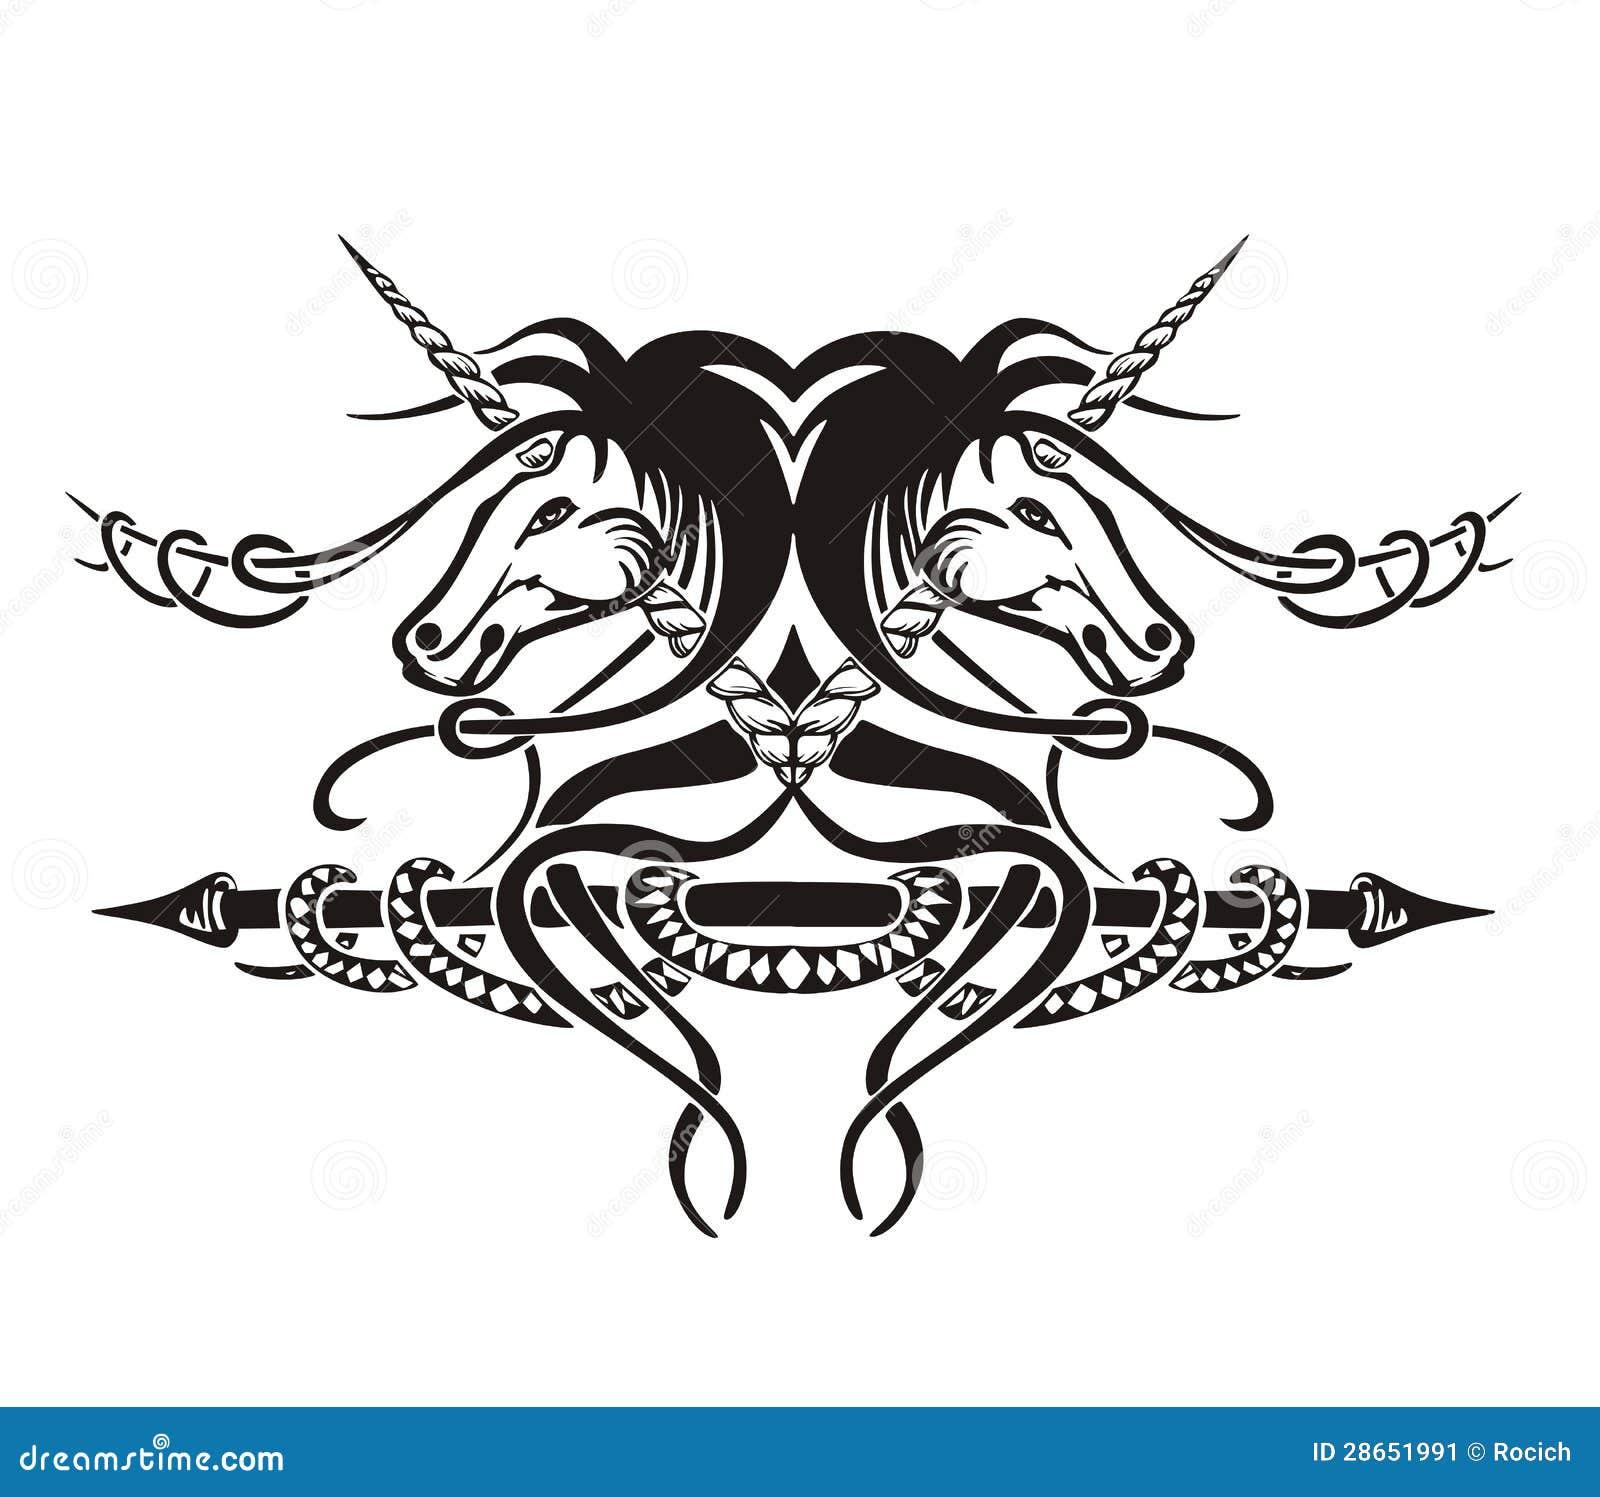 Scenetta simmetrica stilizzata con i cavalli immagine for Immagini cavalli stilizzati